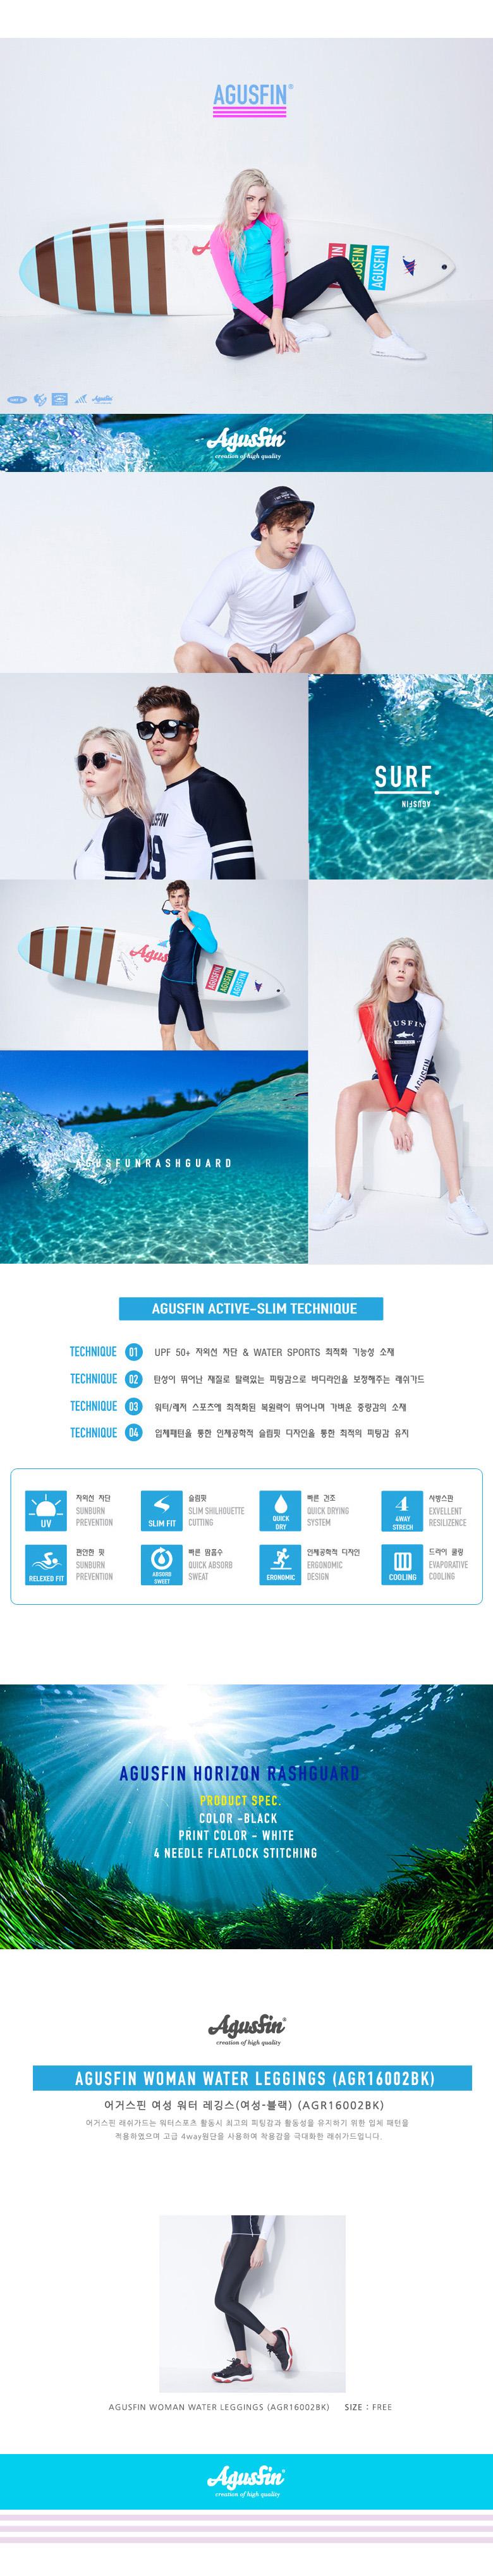 AGUSFIN WOMAN WATER LEGGINGS(BLACK) - 어거스핀, 32,000원, 여성비치웨어, 워터레깅스